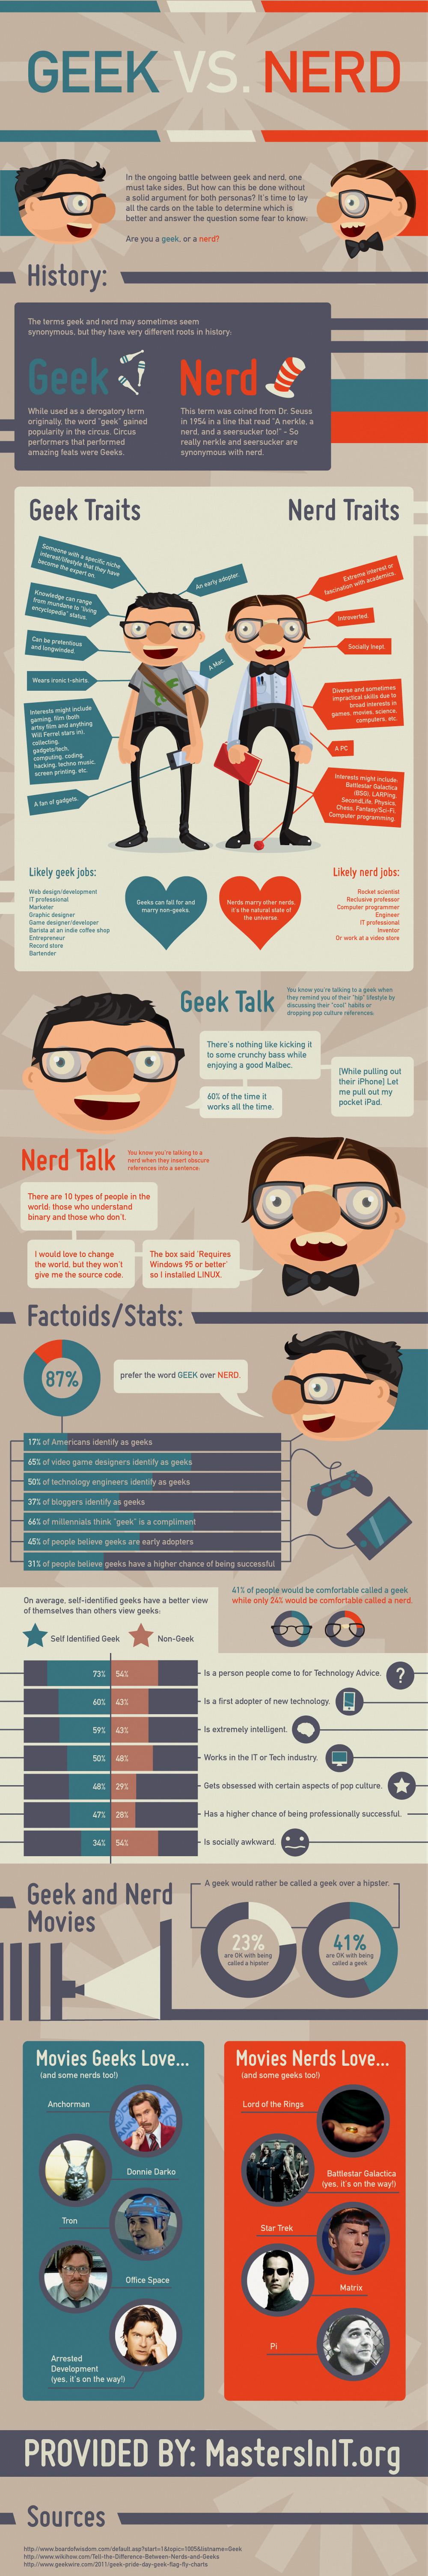 geeks-vs-nerds.jpeg